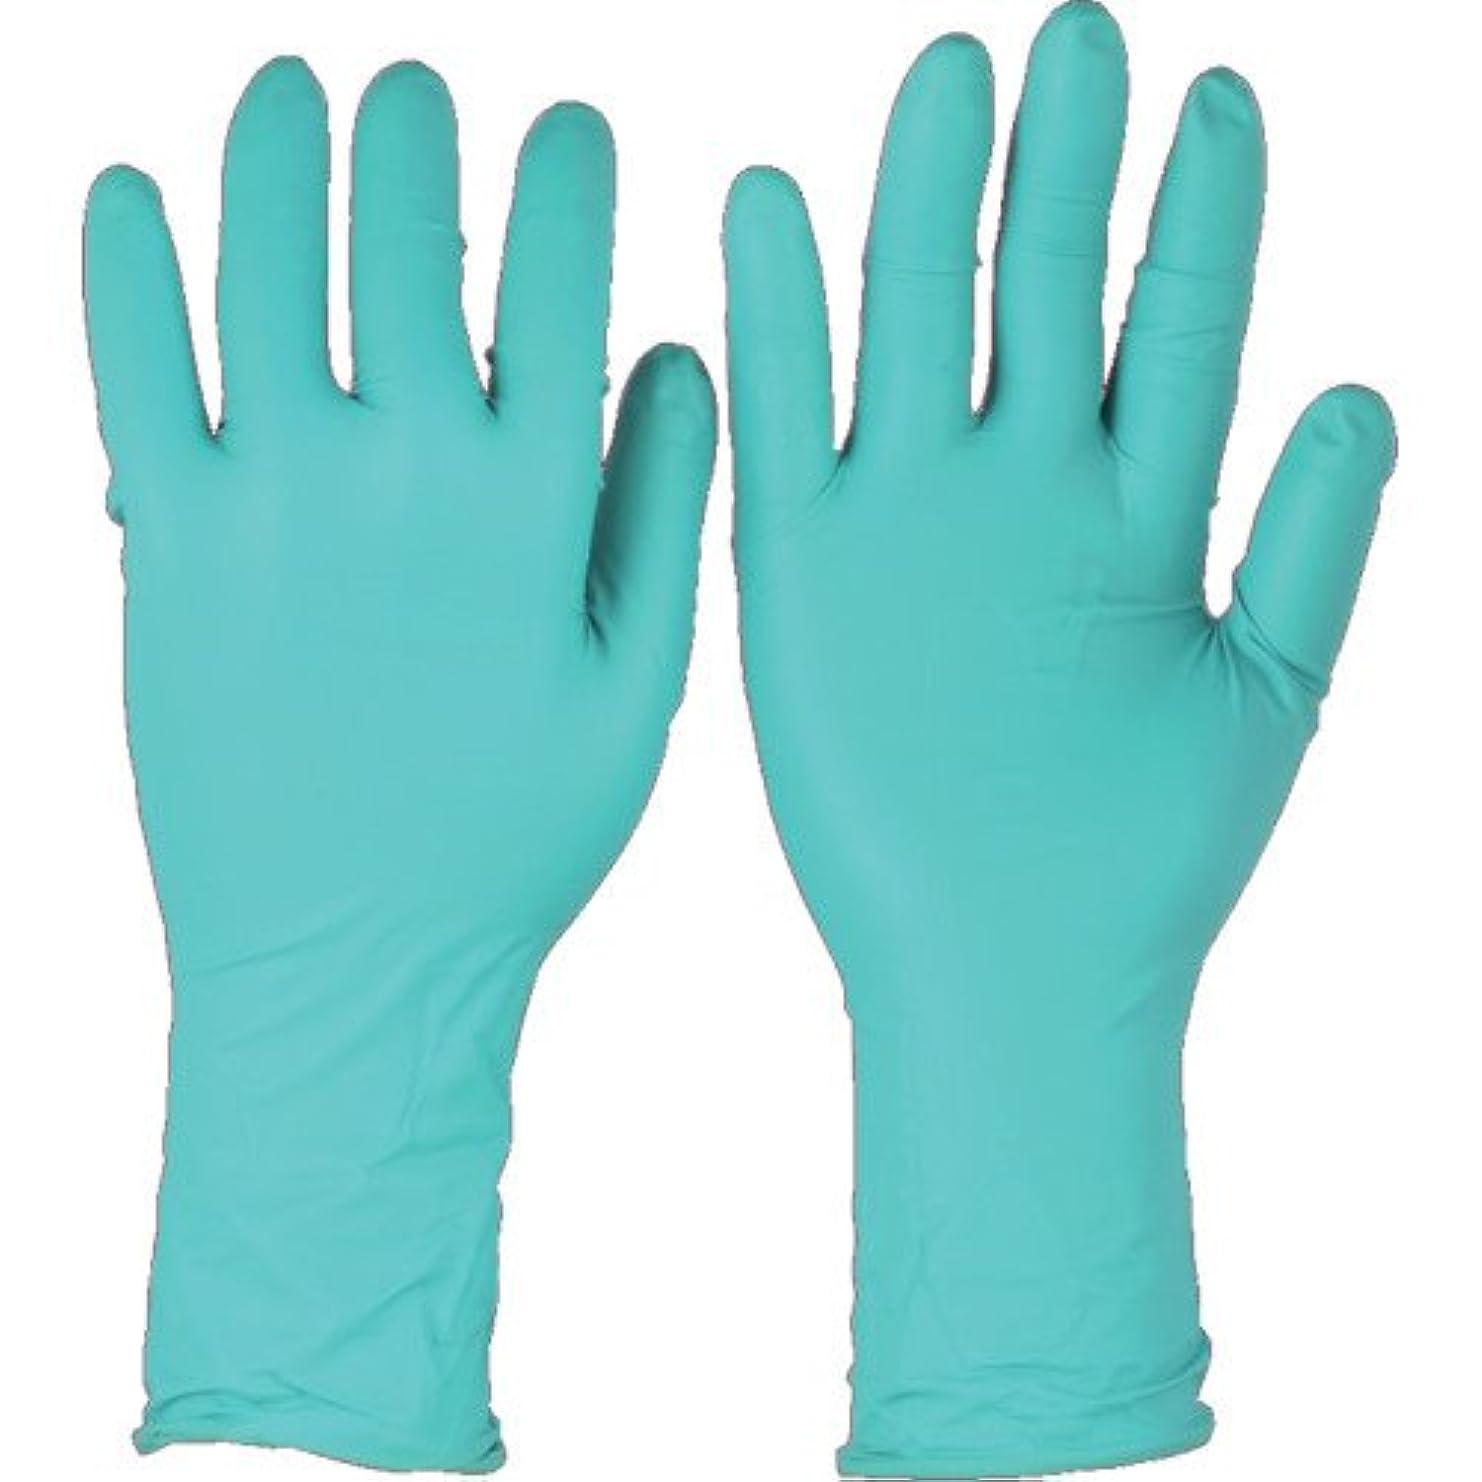 会社ひらめきエアコンアンセル ネオプレンゴム使い捨て手袋 マイクロフレックスXXLサイ 50枚入 93260-11